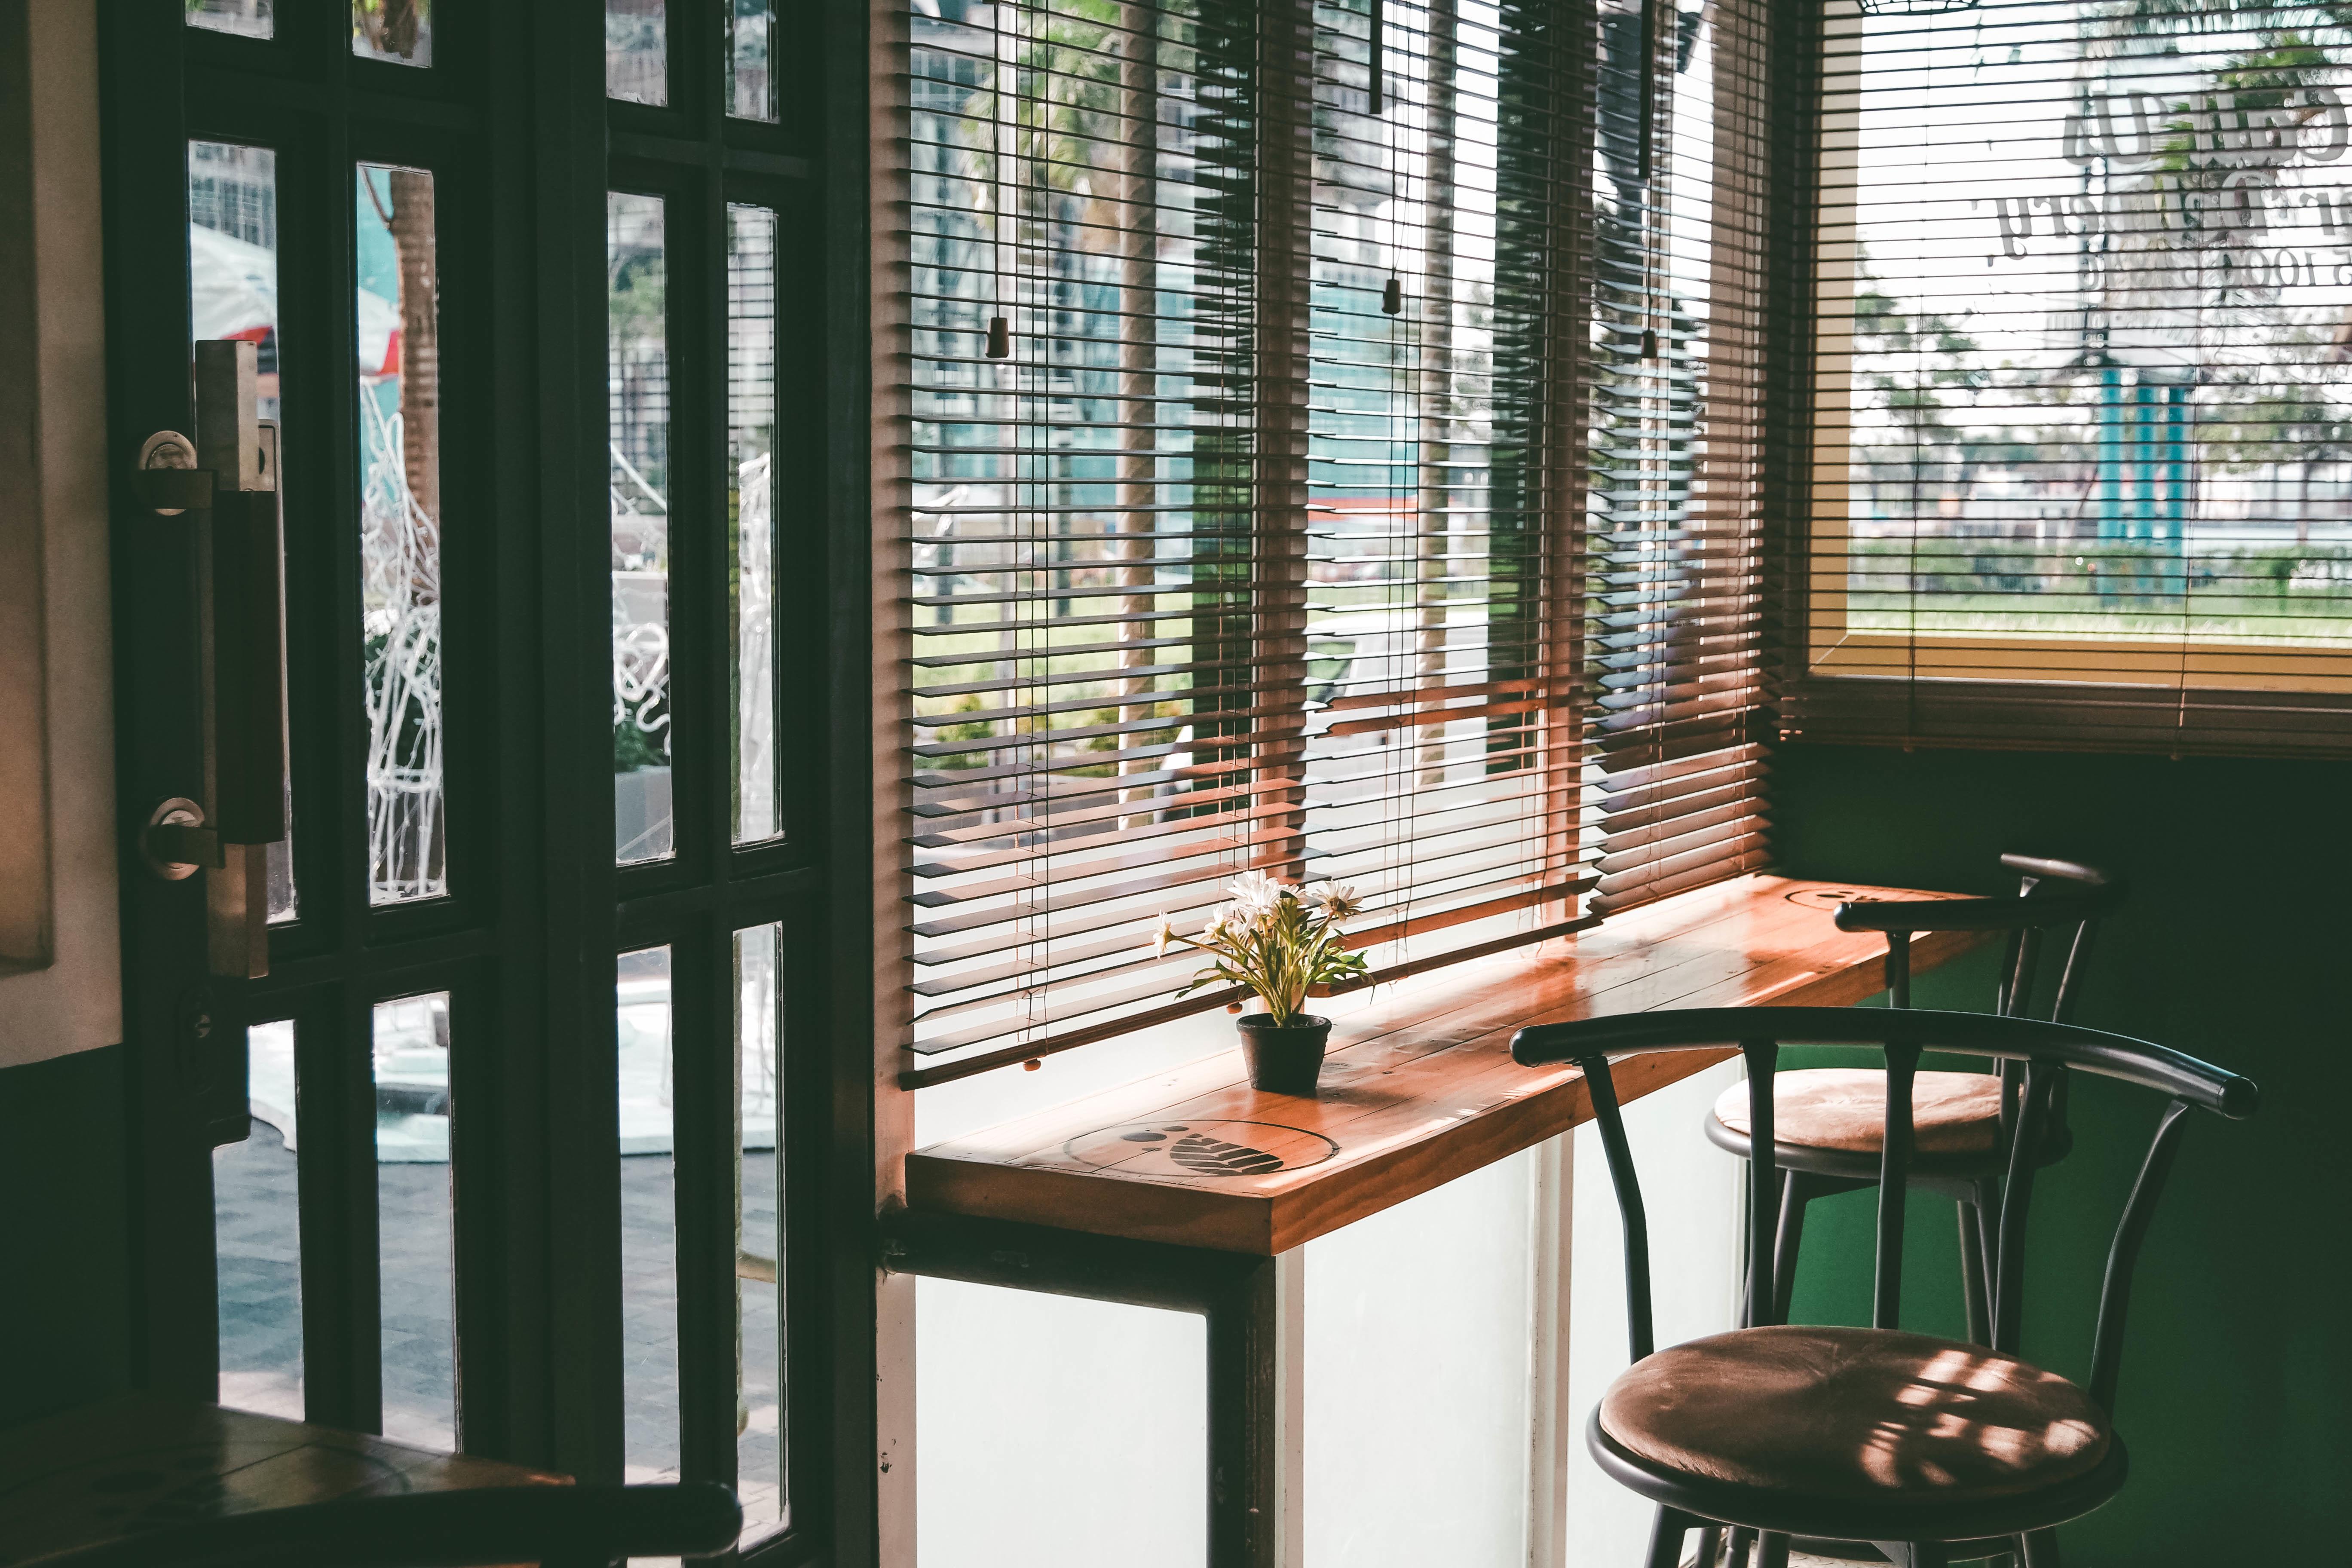 Wonderful Cafe Holz Haus Sessel Fenster Glas Zuhause Geschäft Vorhang Möbel Zimmer  Blind Innenarchitektur Entwurf Eigentumswohnung Fensterverkleidung